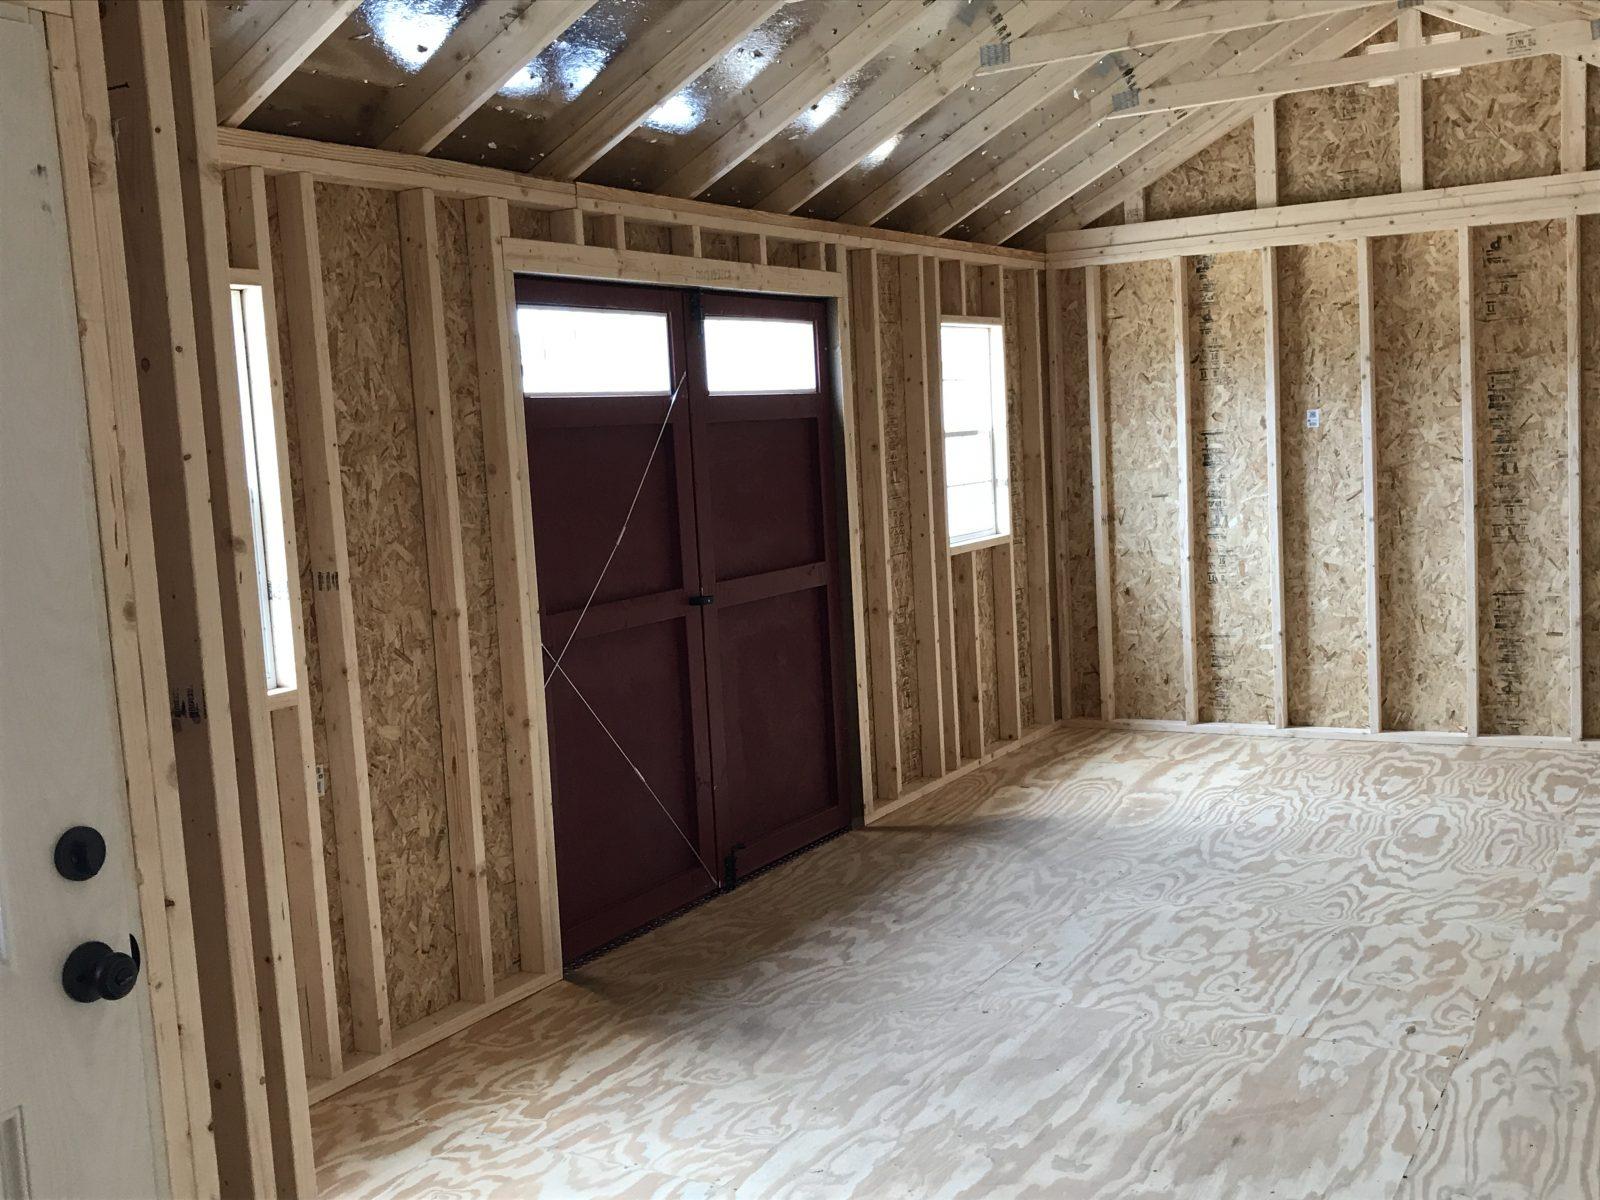 12x28 Cabin - DuraStor Structures